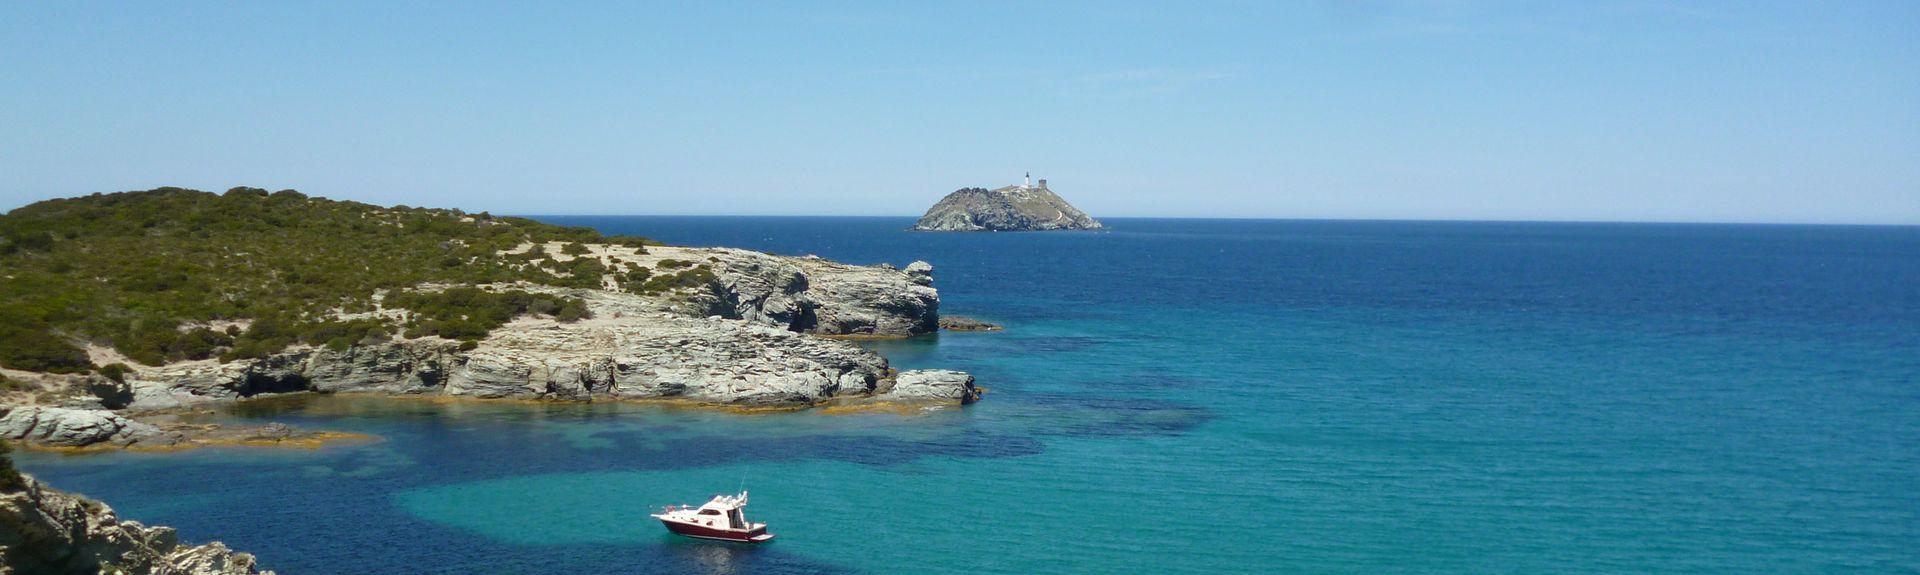 Cap Corse, France